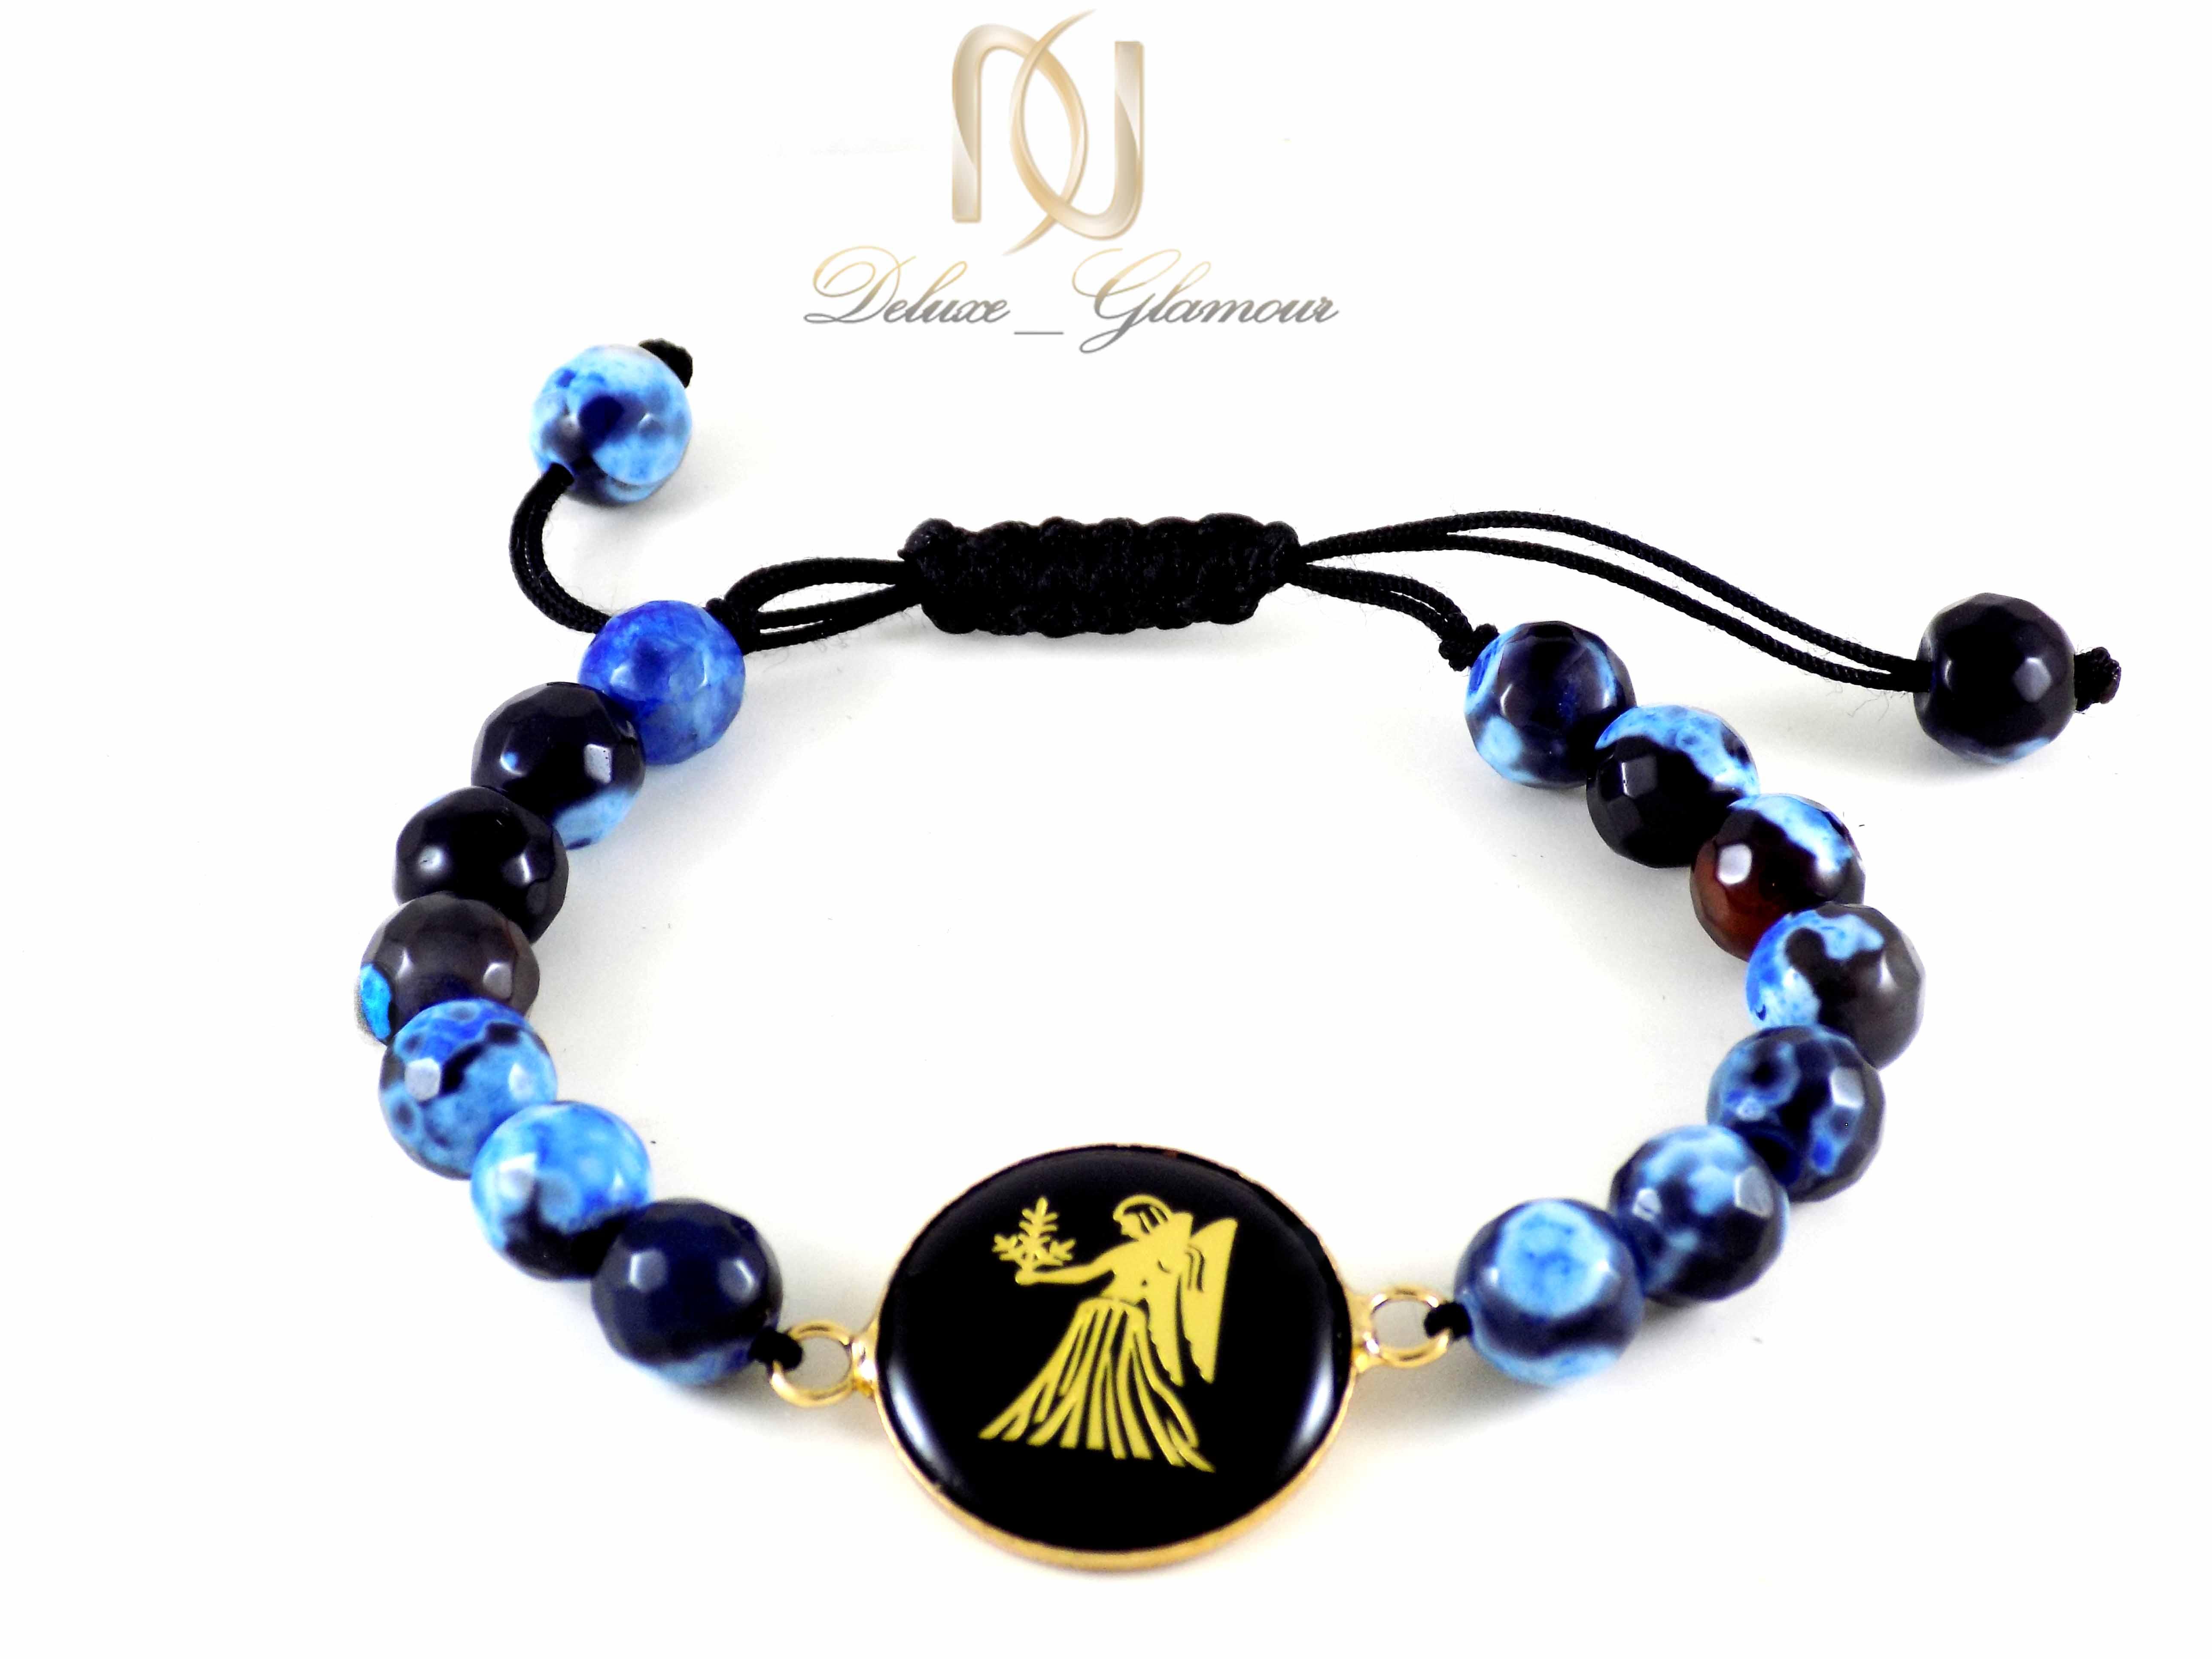 دستبند سنگ و نماد ماه تولد شهریور ds-n340 از نمای دور